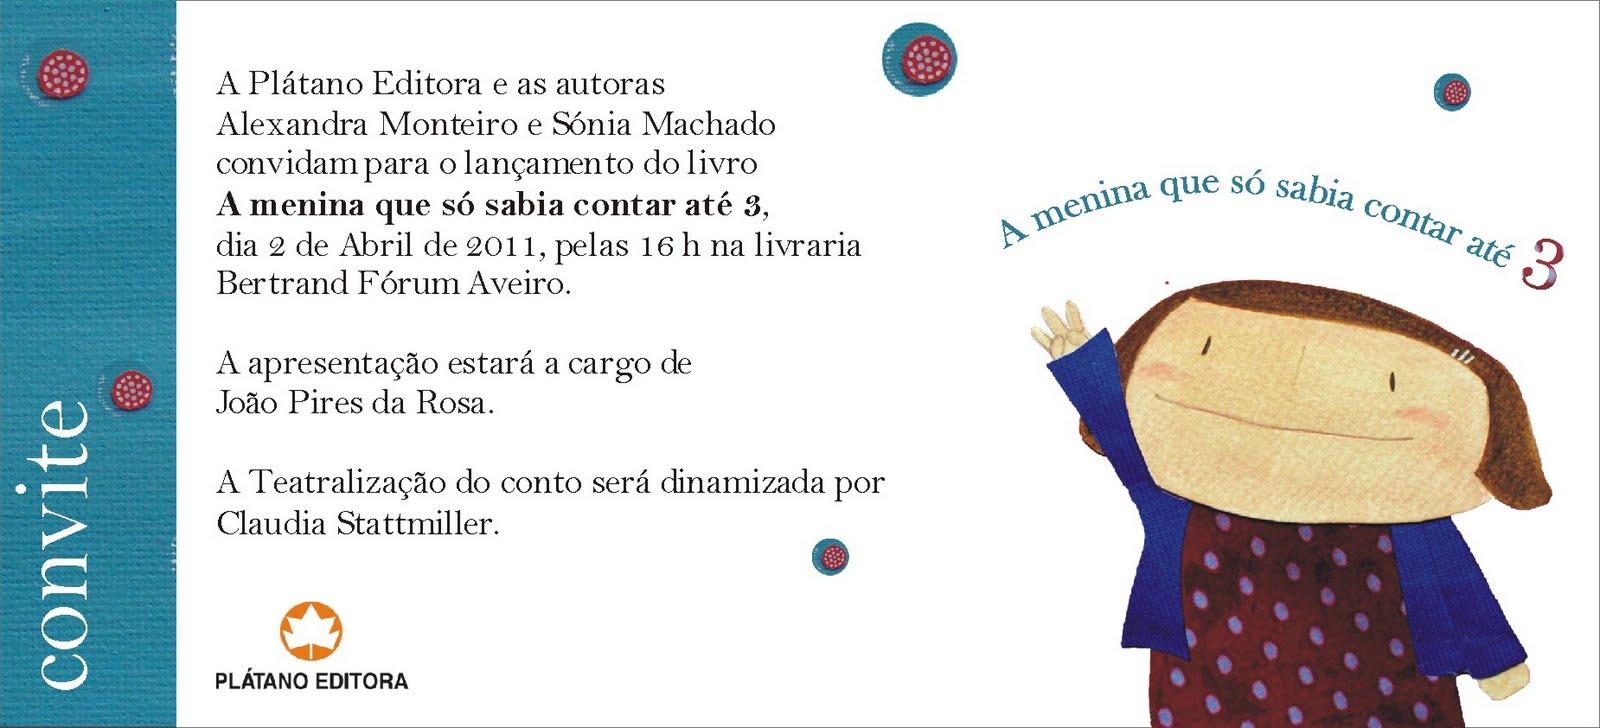 O LIVRO INFANTIL: Novo, da Plátano Editora